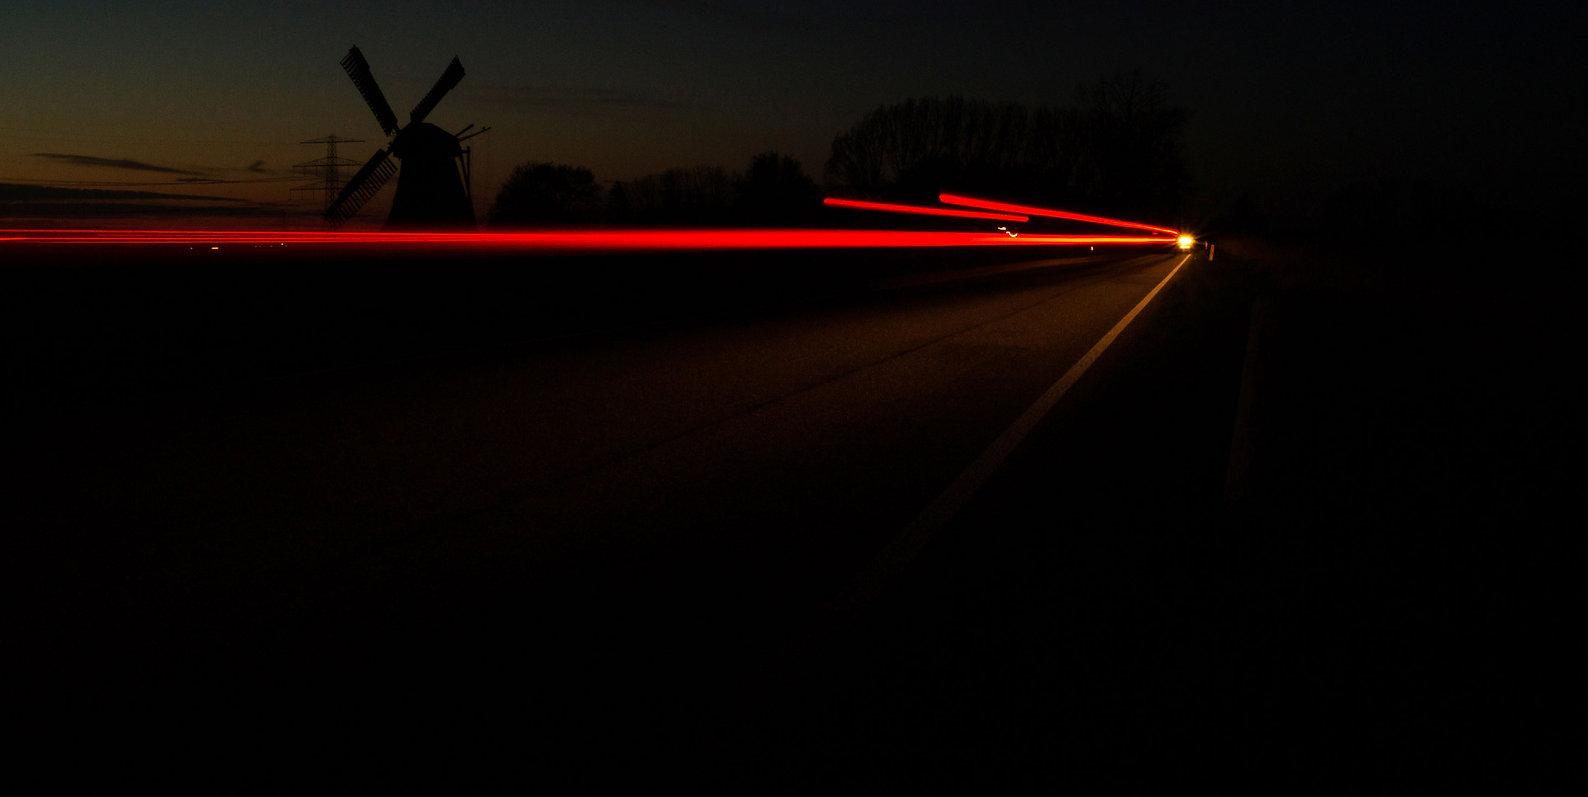 Red Light Art_edited.jpg